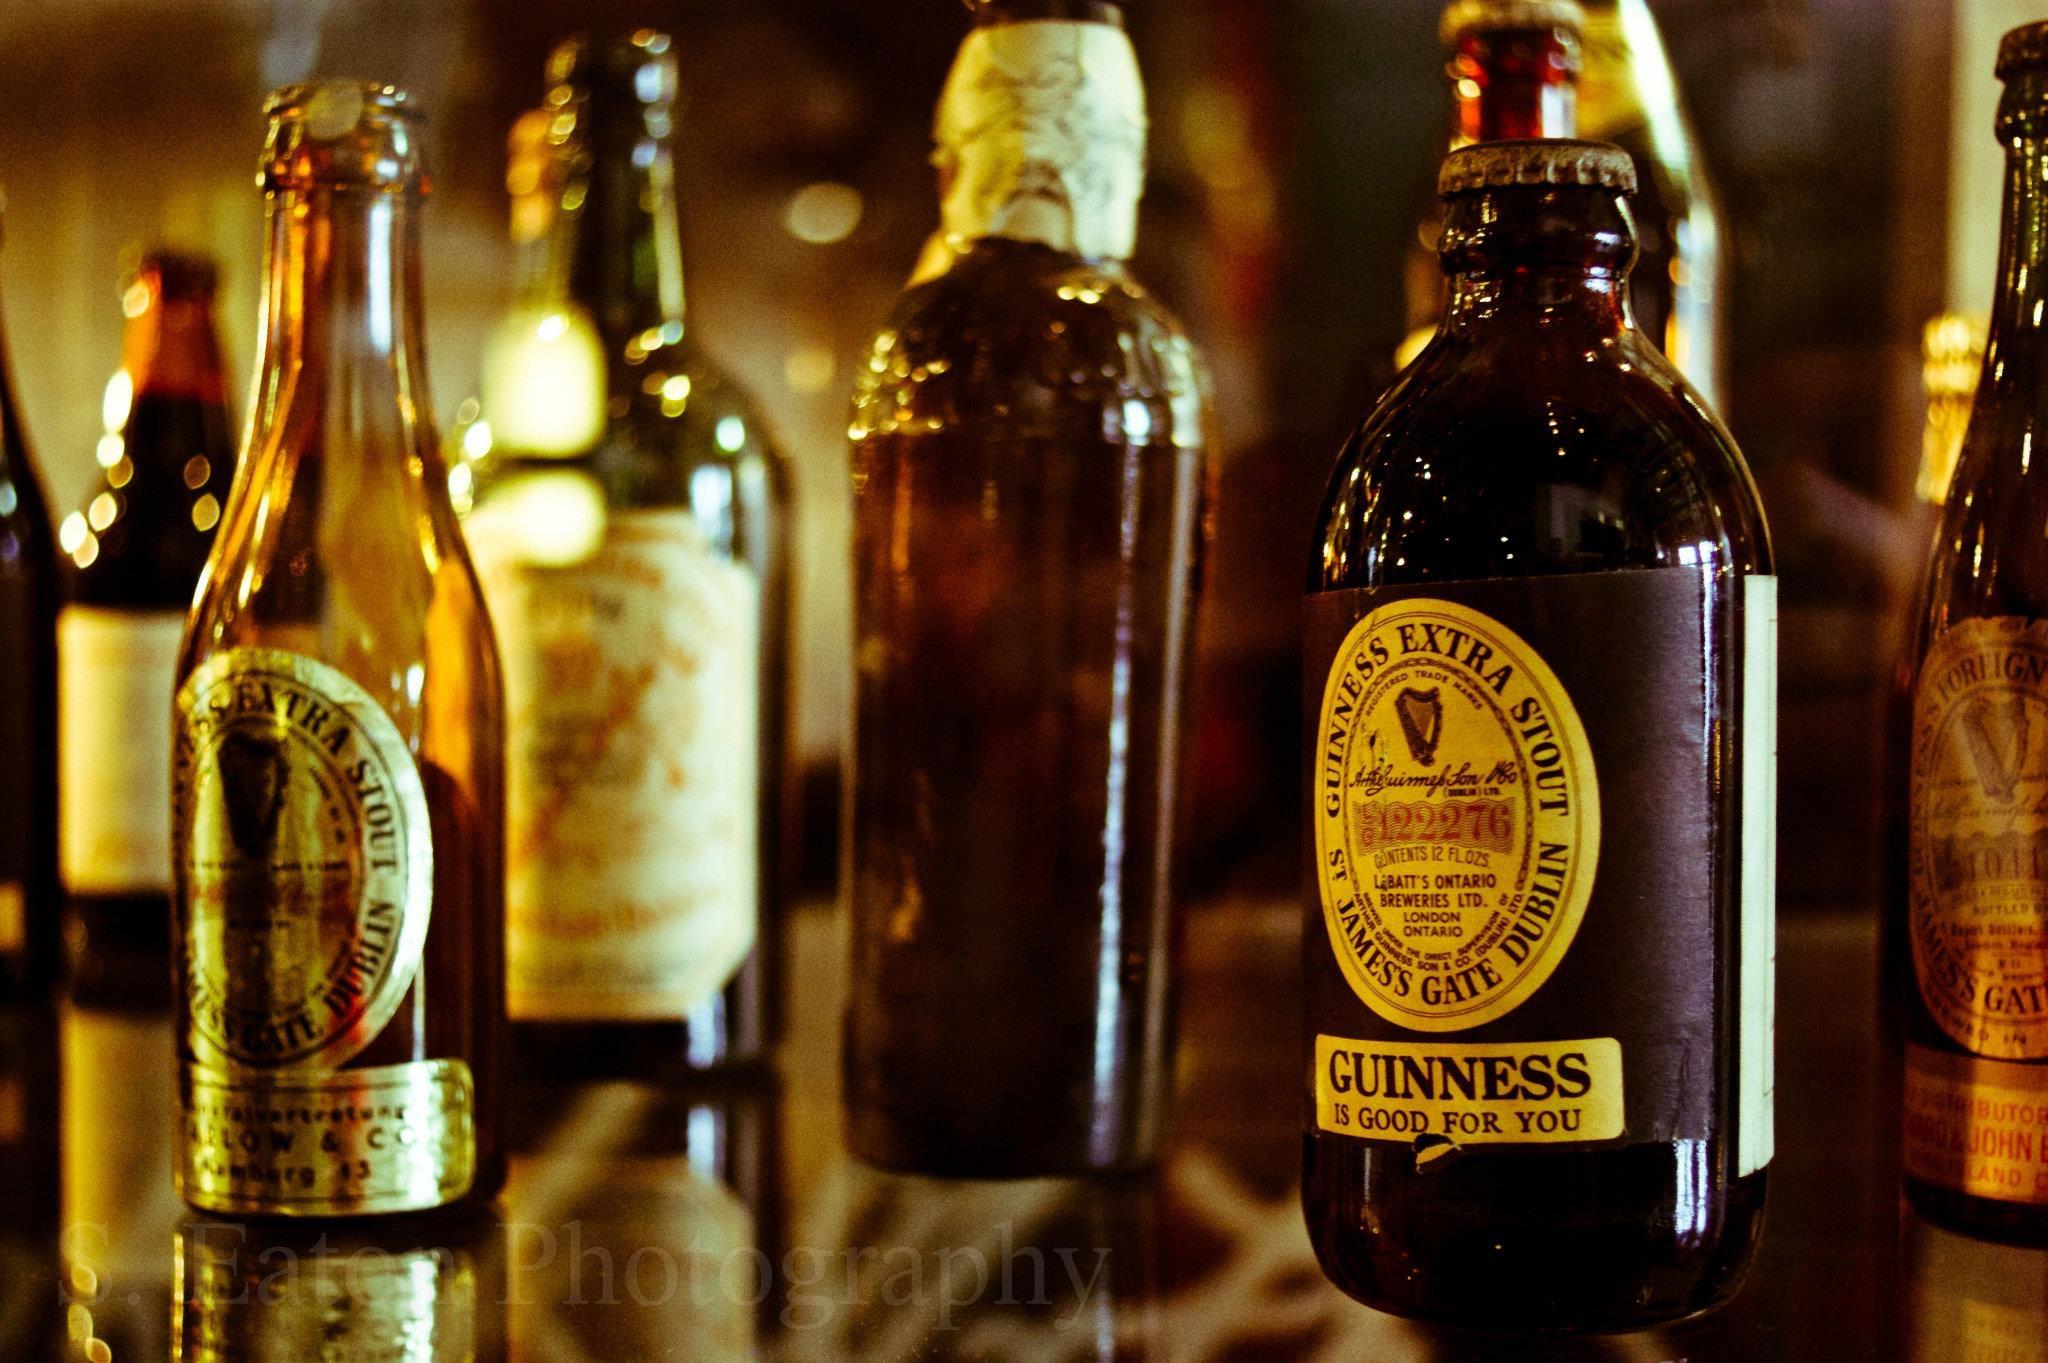 Guinness bottles over the years - Guinness Museum, St. James Gate, Dublin, Ireland